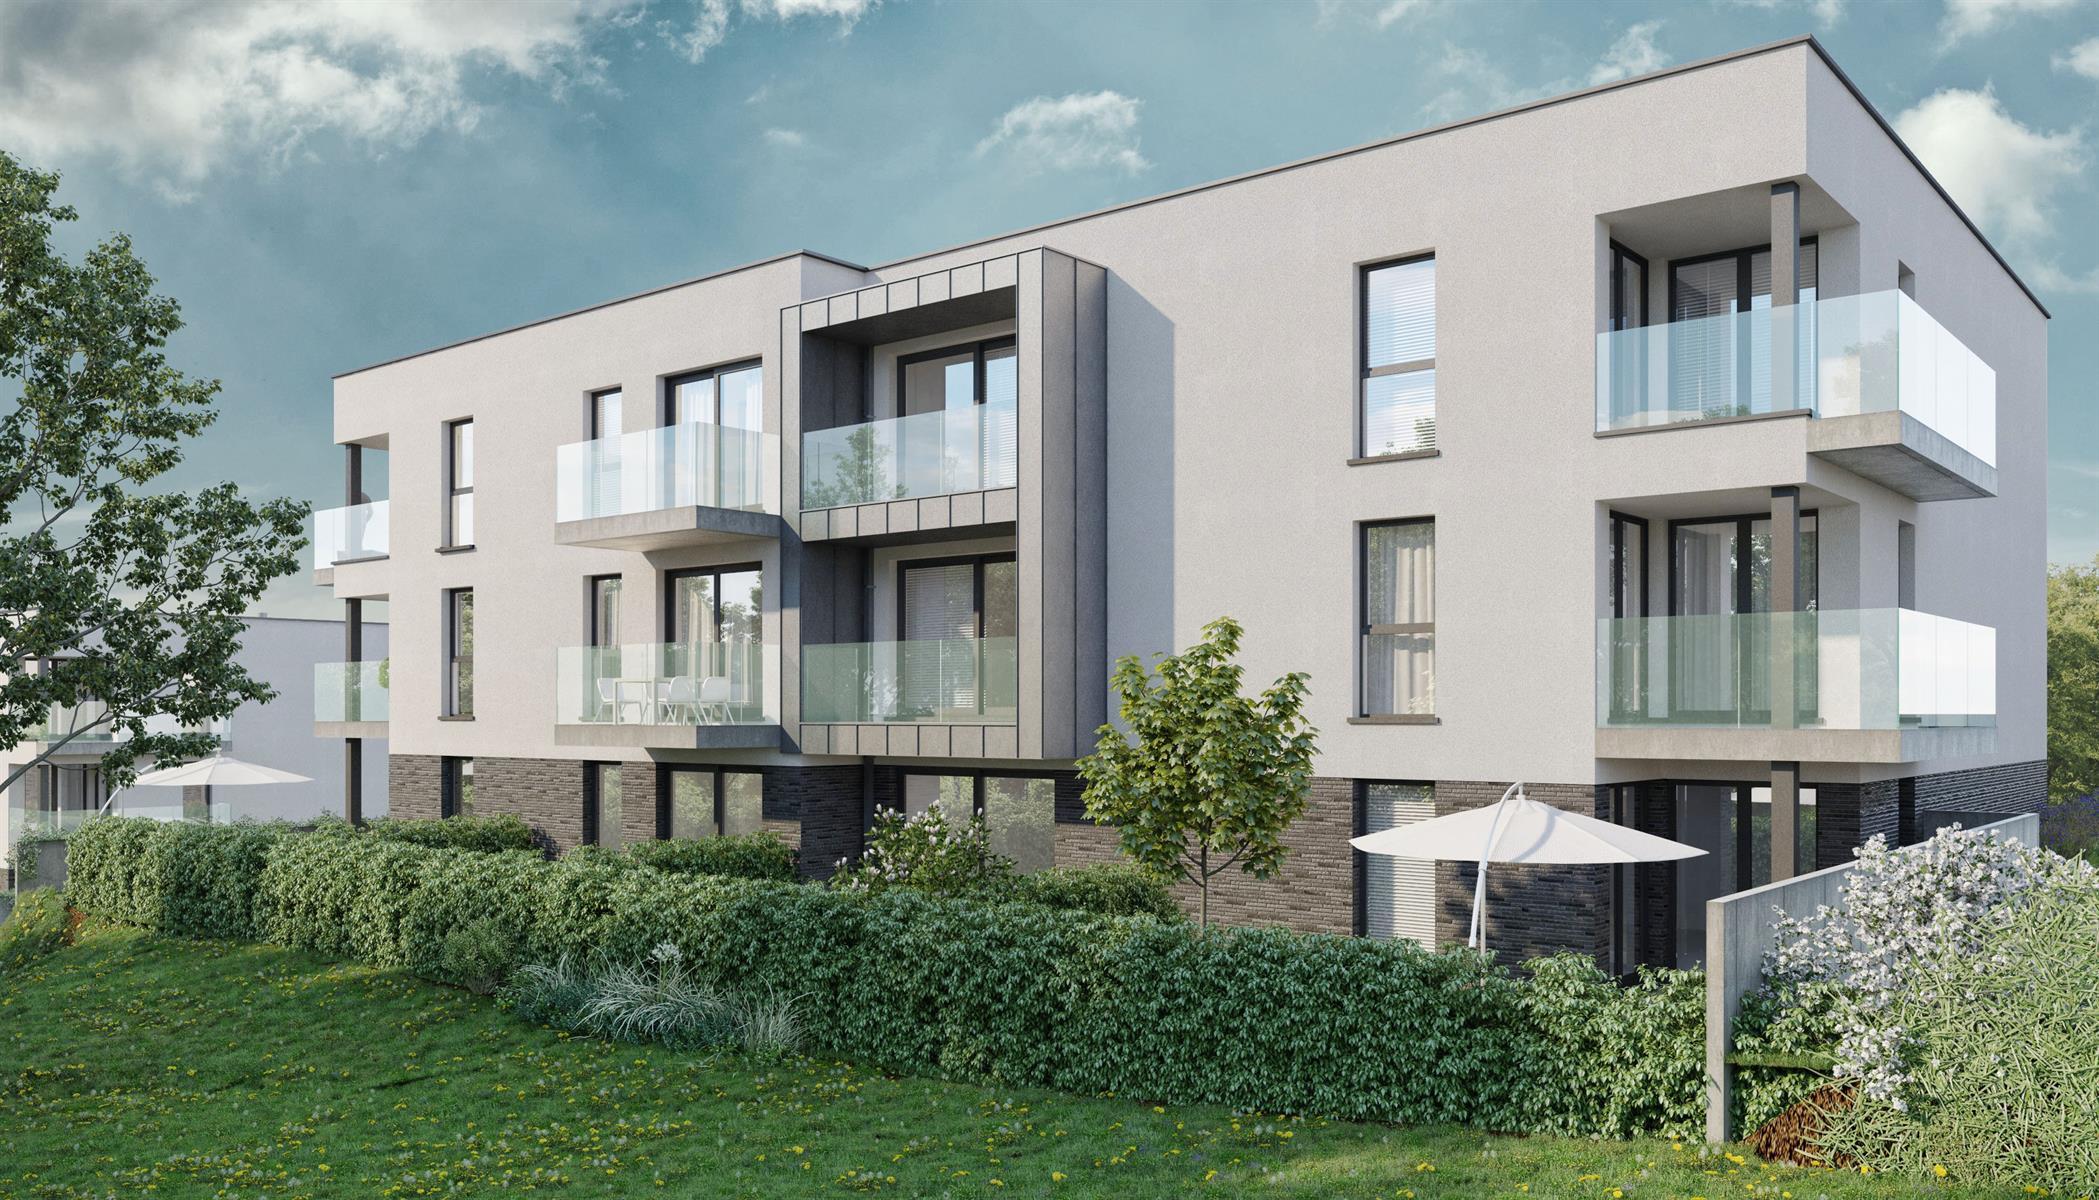 Ground floor with garden - Flemalle - #4197040-44